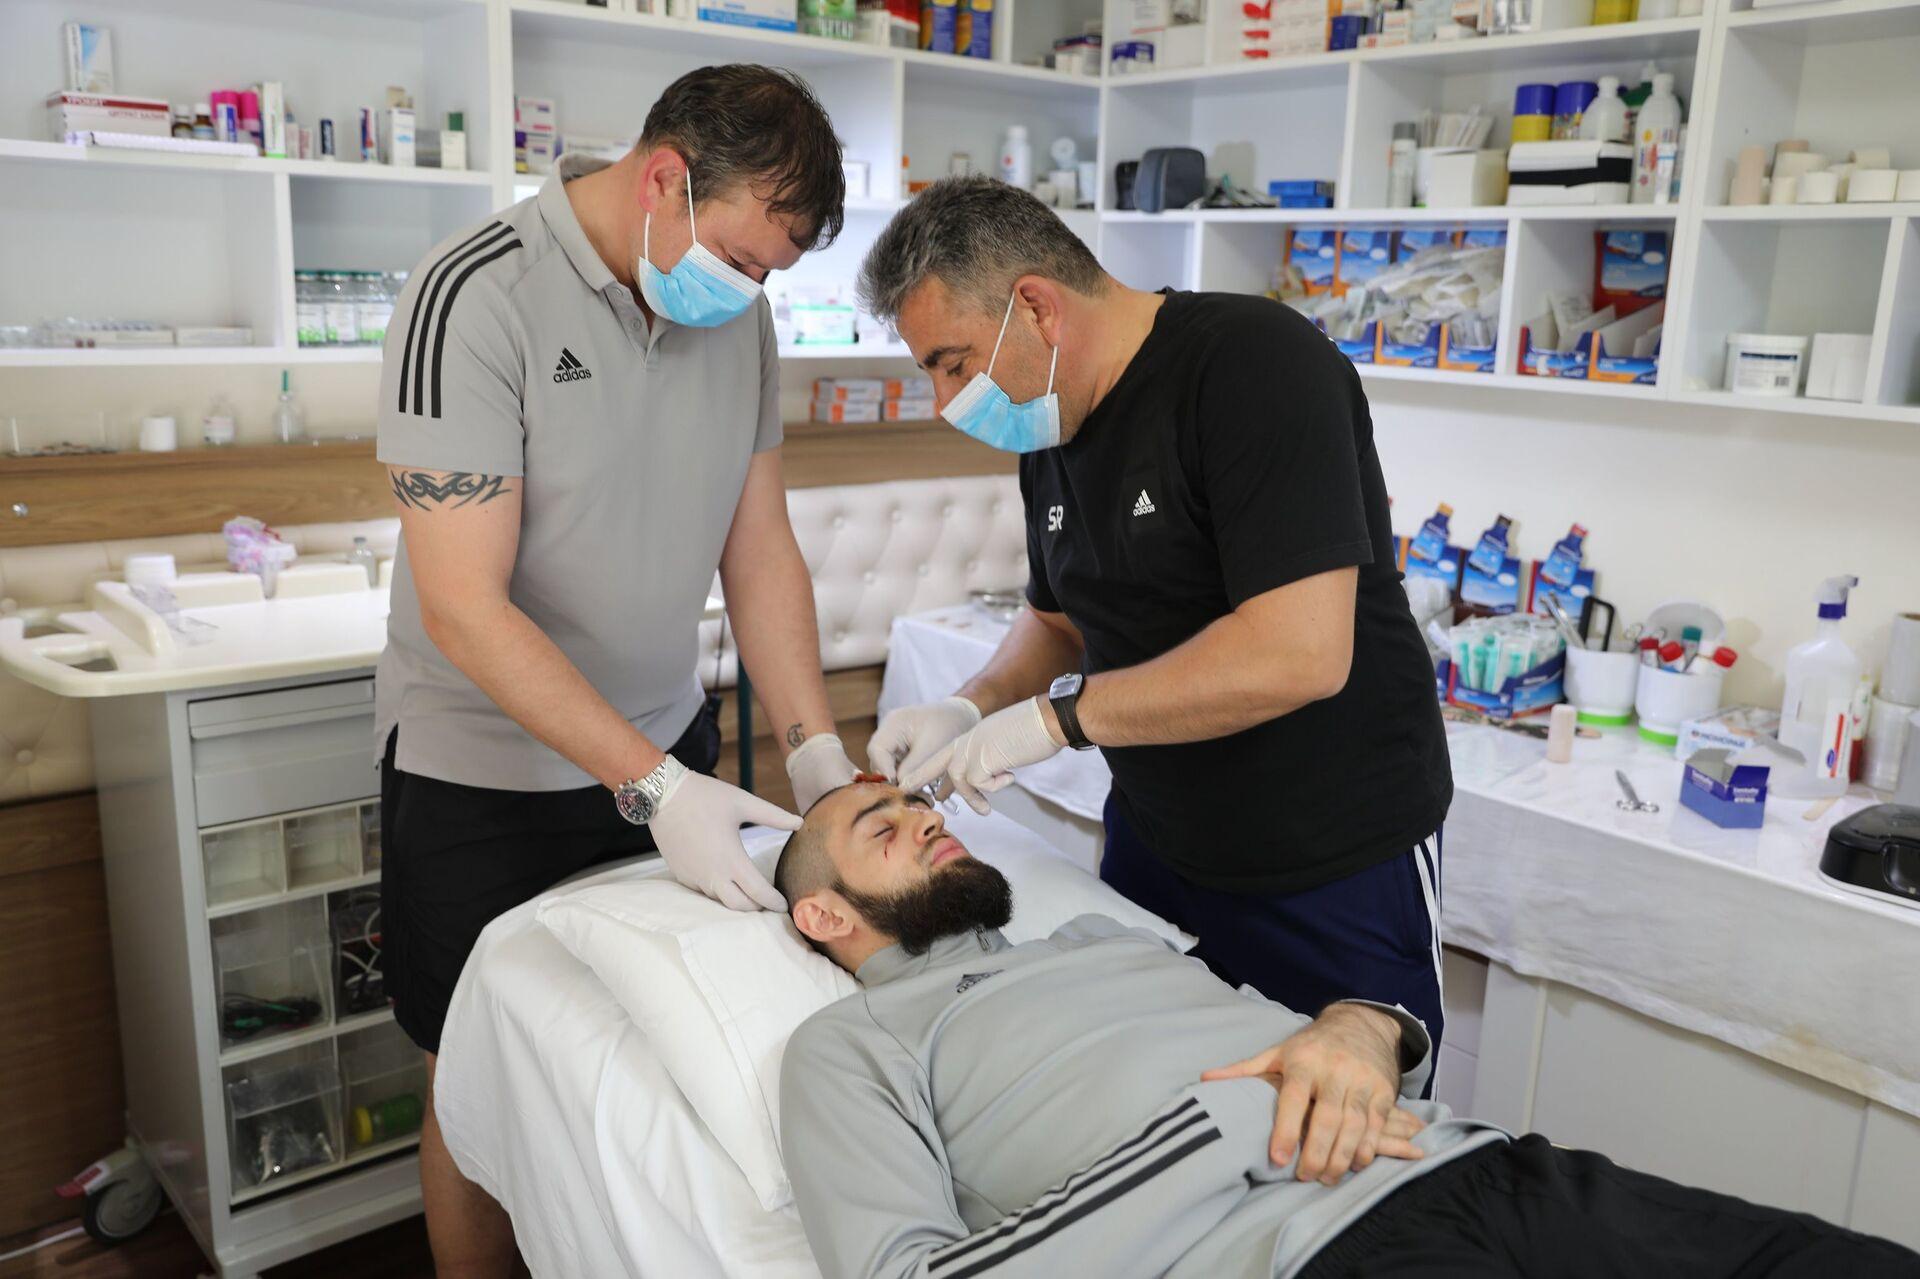 Вратарь Карабаха: когда очнулся, все лицо было в крови - Sputnik Азербайджан, 1920, 19.04.2021